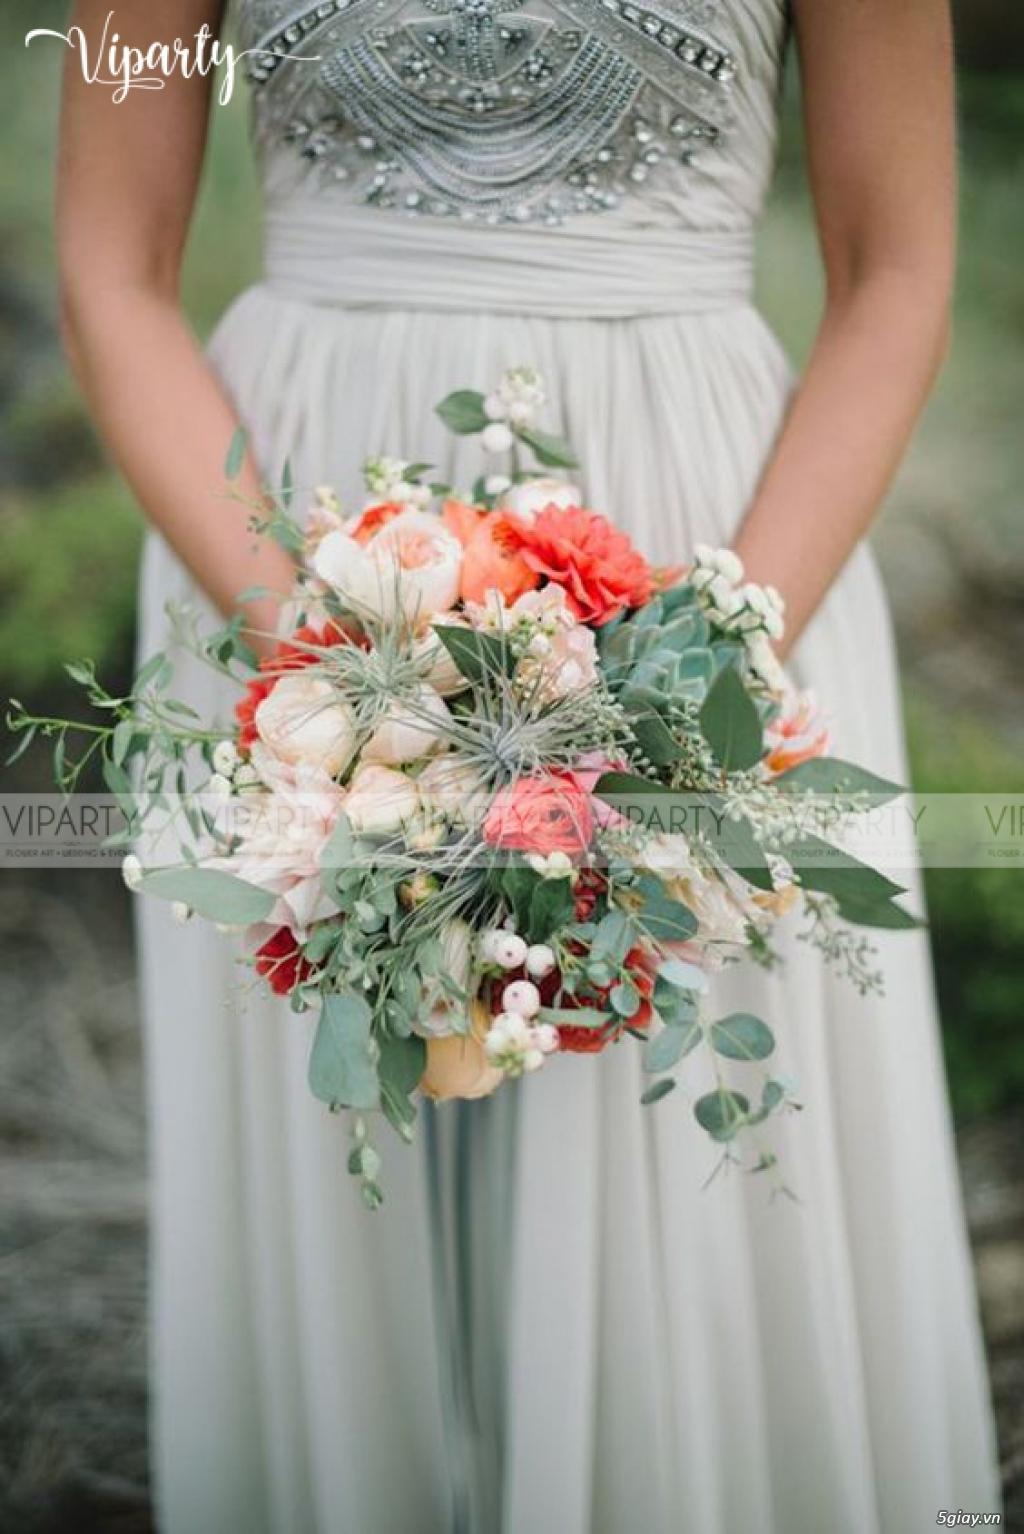 Chuyên cung cấp: Hoa cầm tay Cô Dâu & Hoa Sự Kiện : Wedding & Events - 36